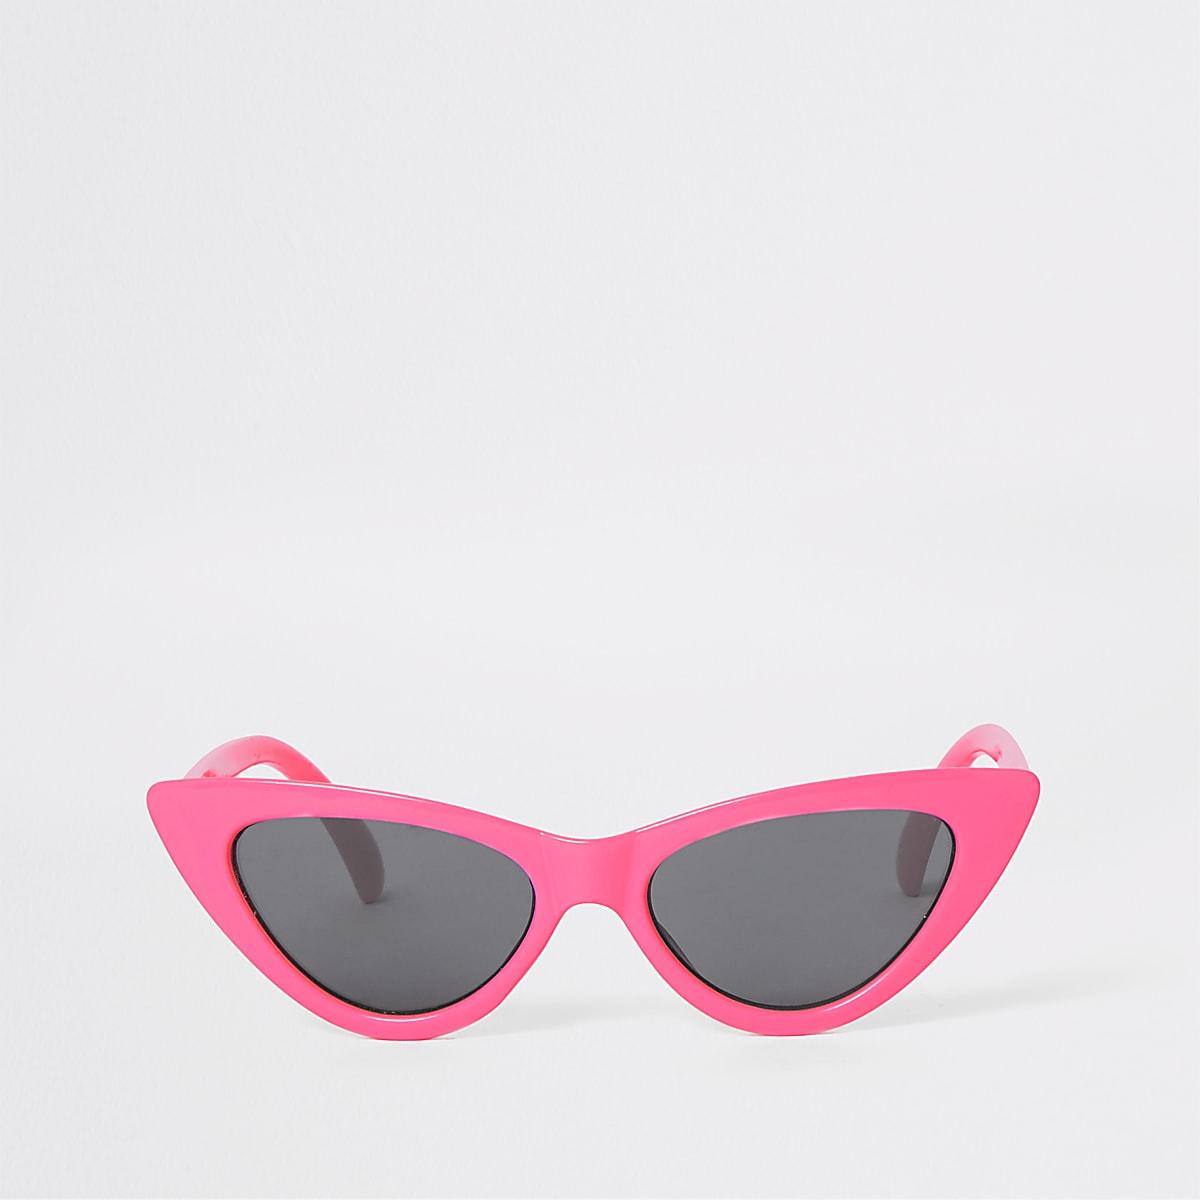 Girls neon pink cat eye sunglasses